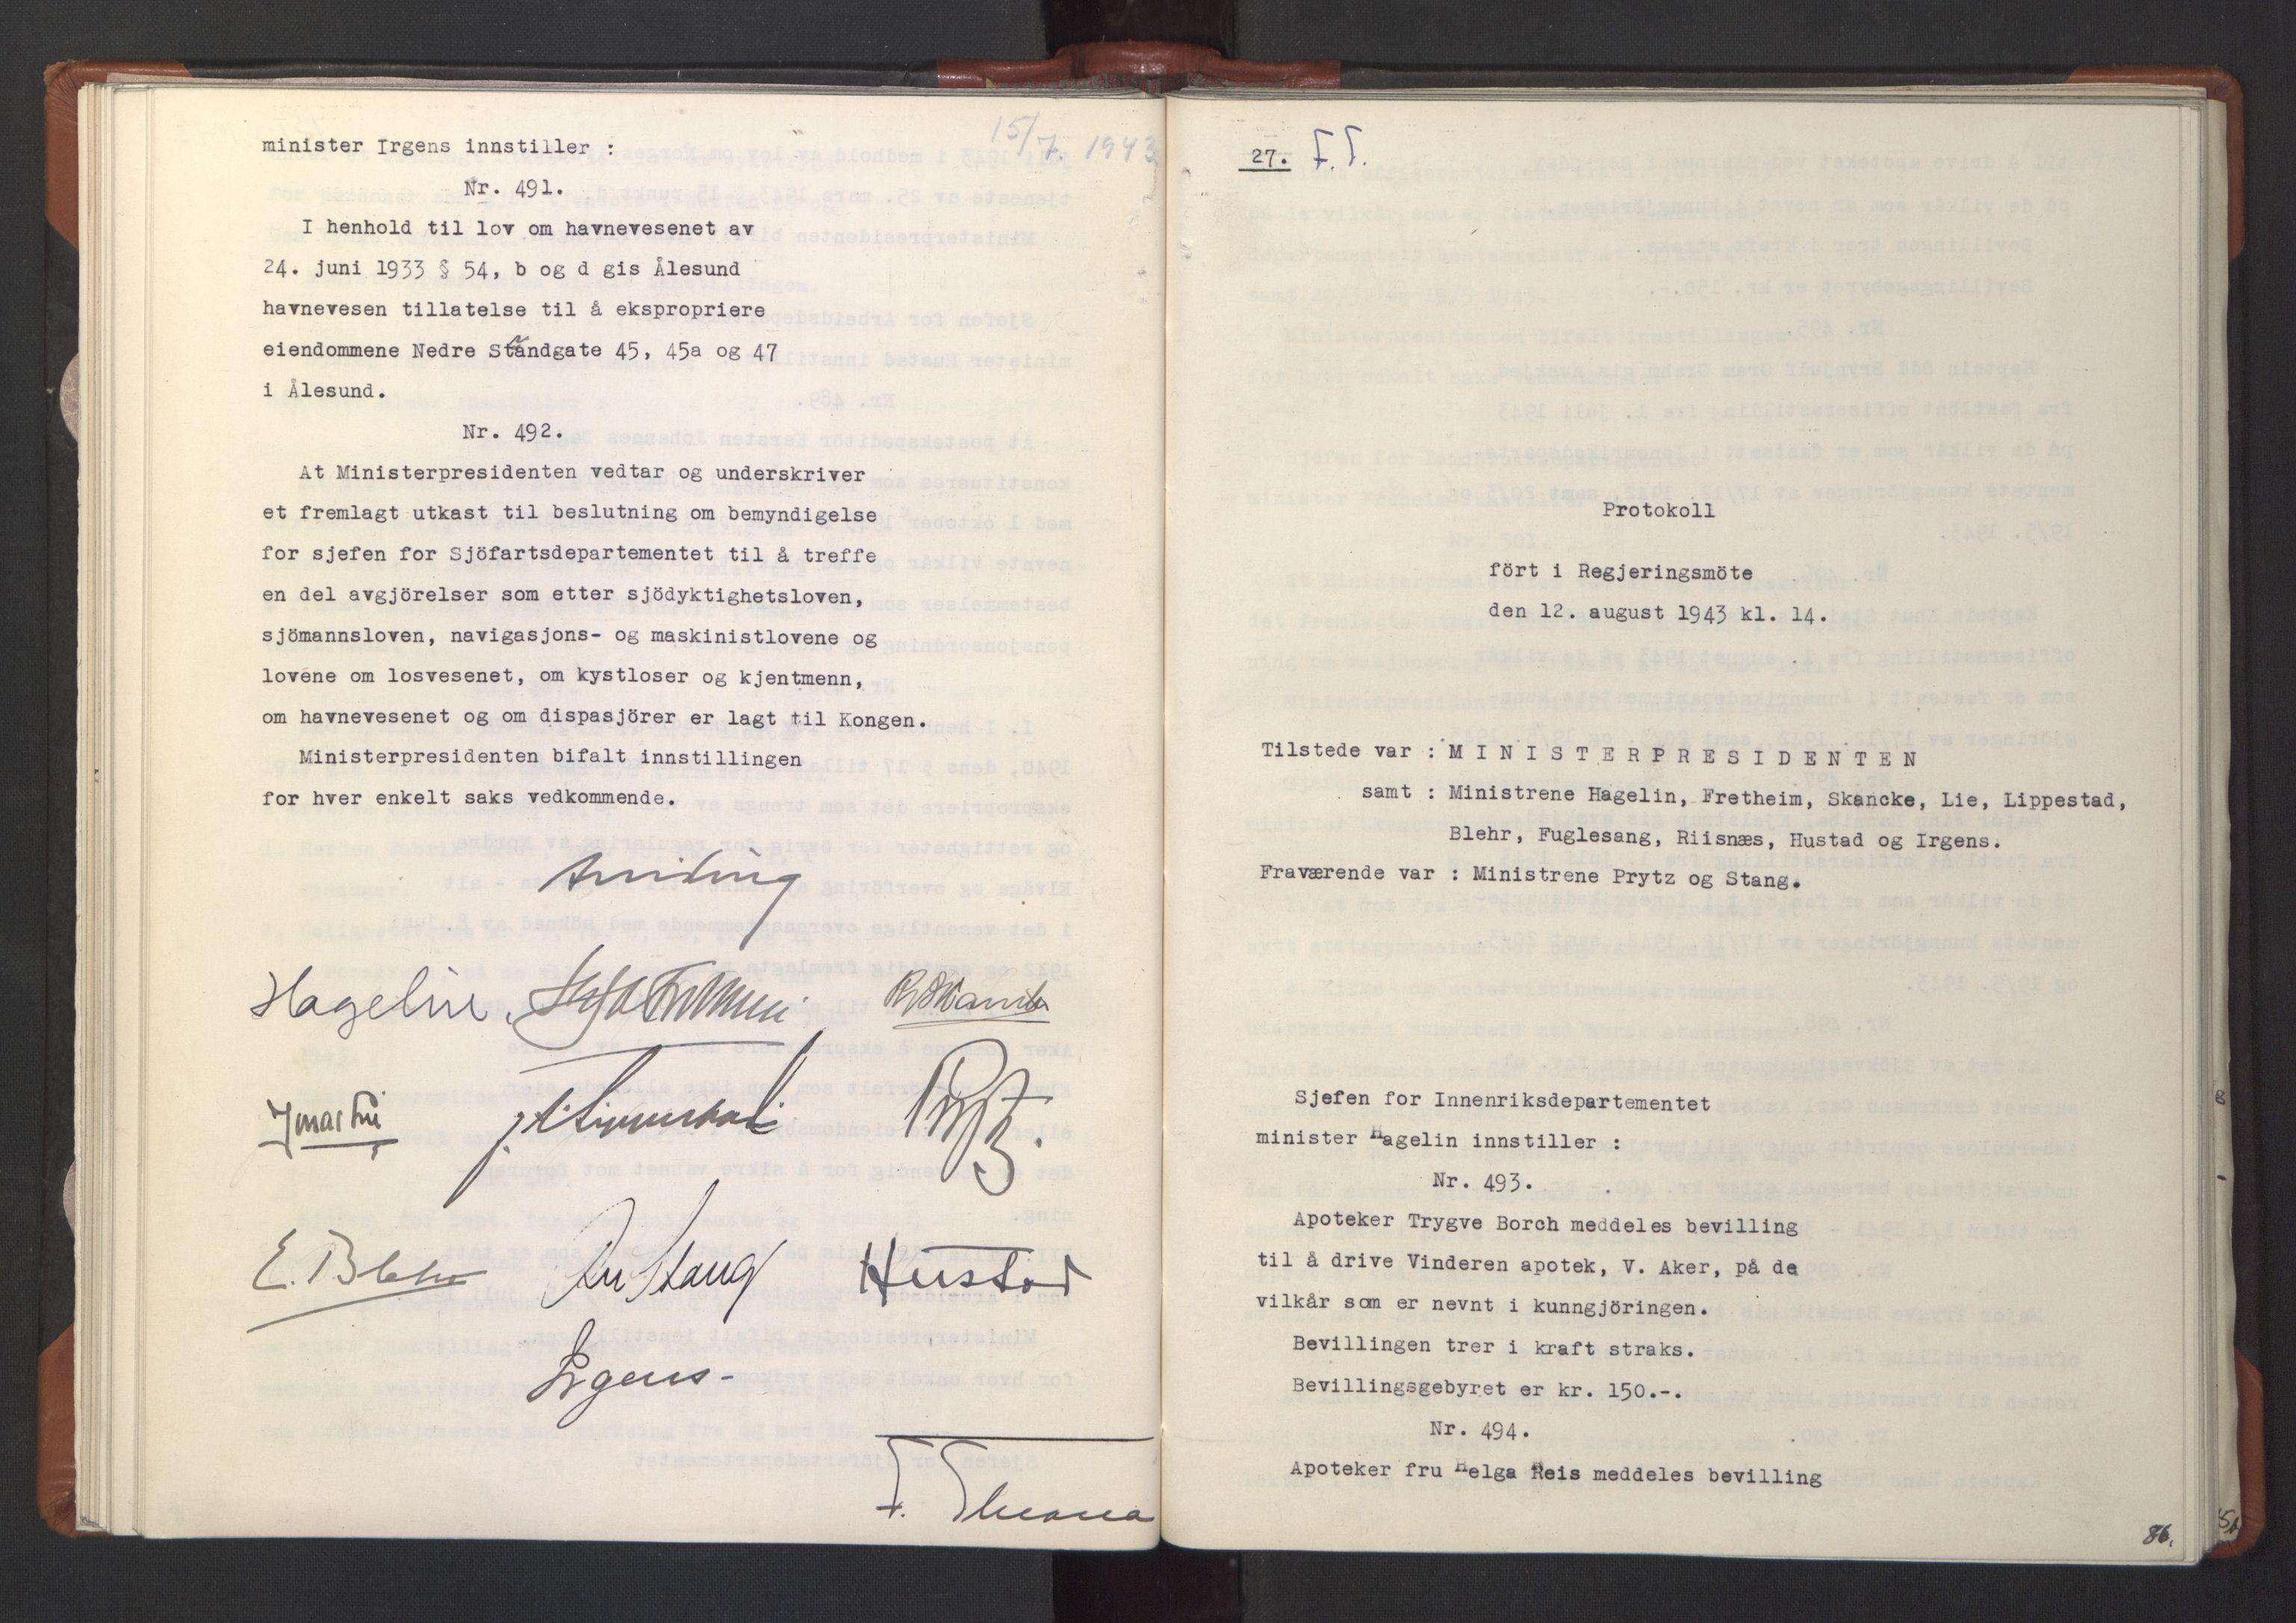 RA, NS-administrasjonen 1940-1945 (Statsrådsekretariatet, de kommisariske statsråder mm), D/Da/L0003: Vedtak (Beslutninger) nr. 1-746 og tillegg nr. 1-47 (RA. j.nr. 1394/1944, tilgangsnr. 8/1944, 1943, s. 85b-86a